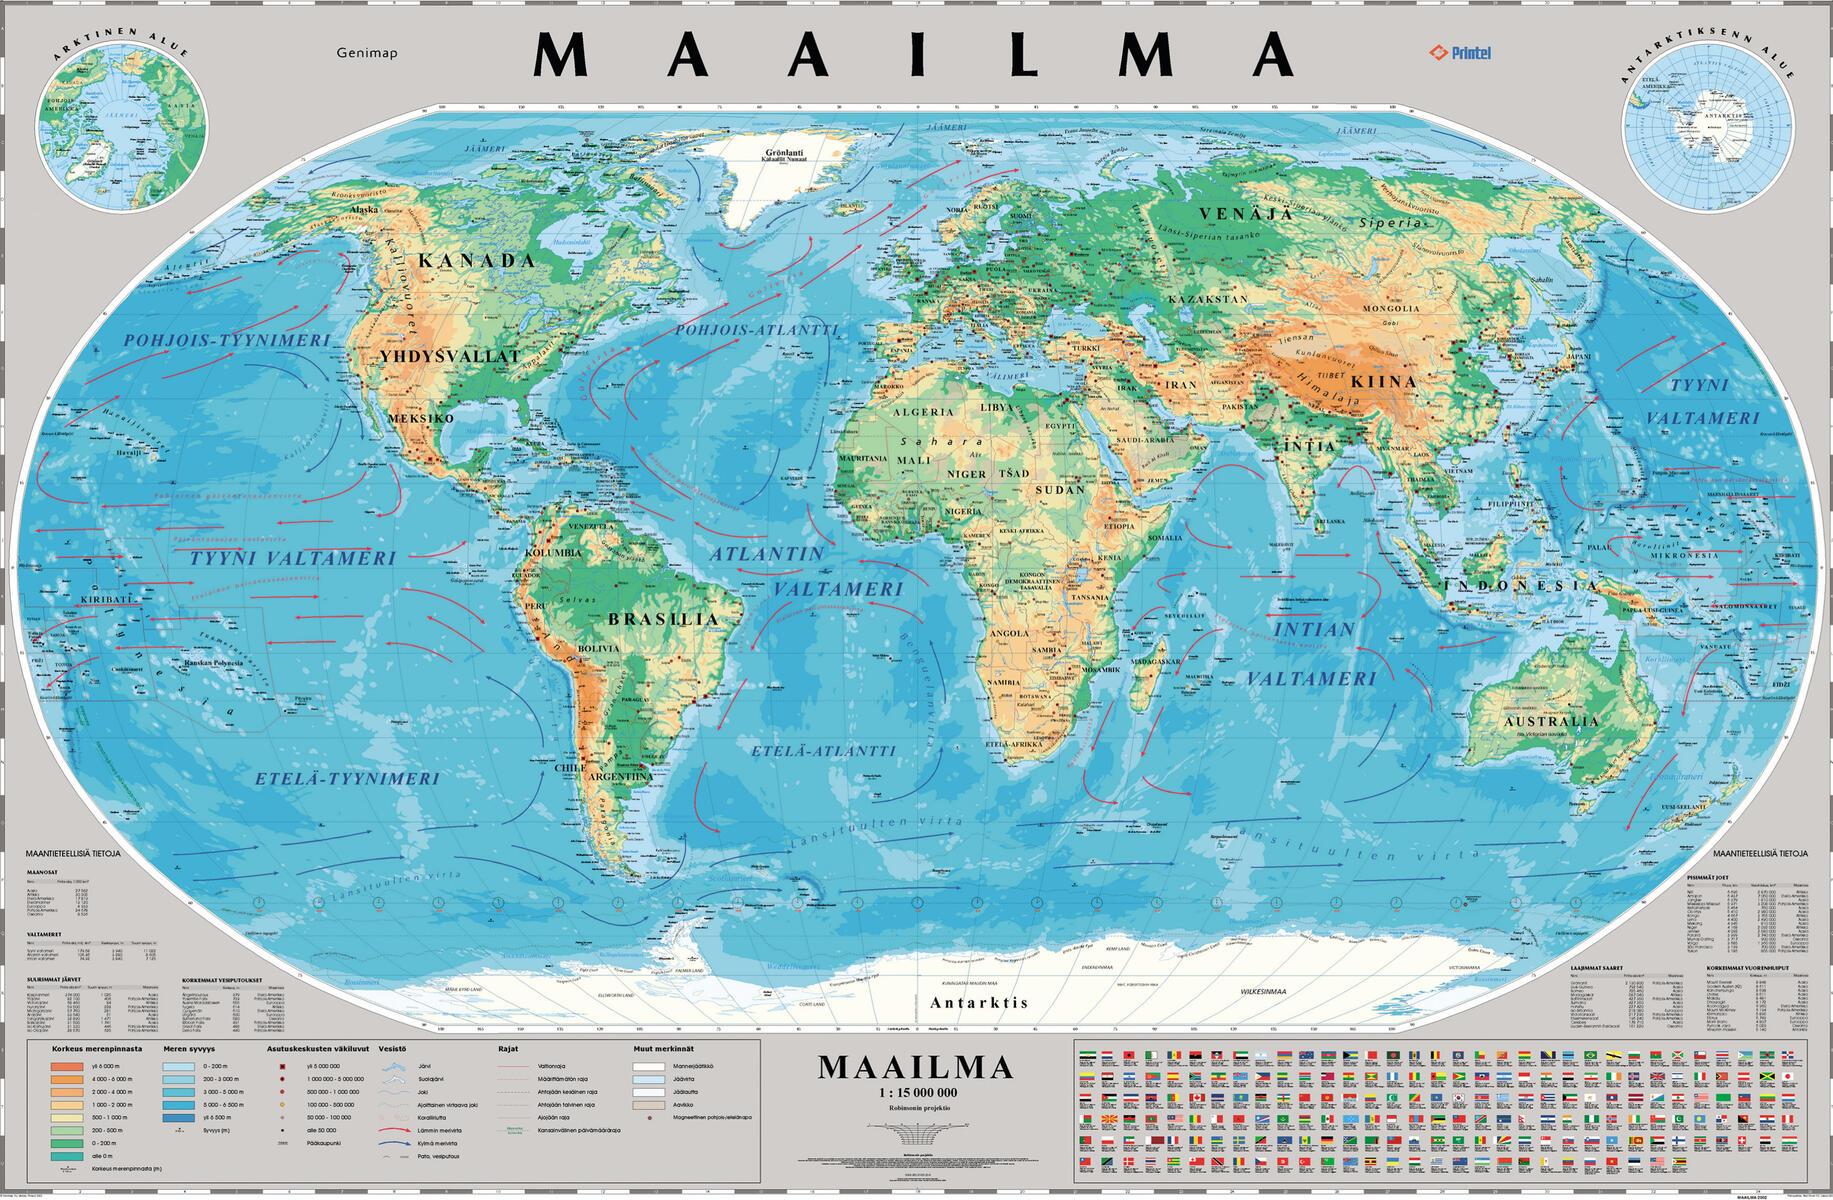 Maailman Kartta Liukuvaunussa Lekolar Suomi